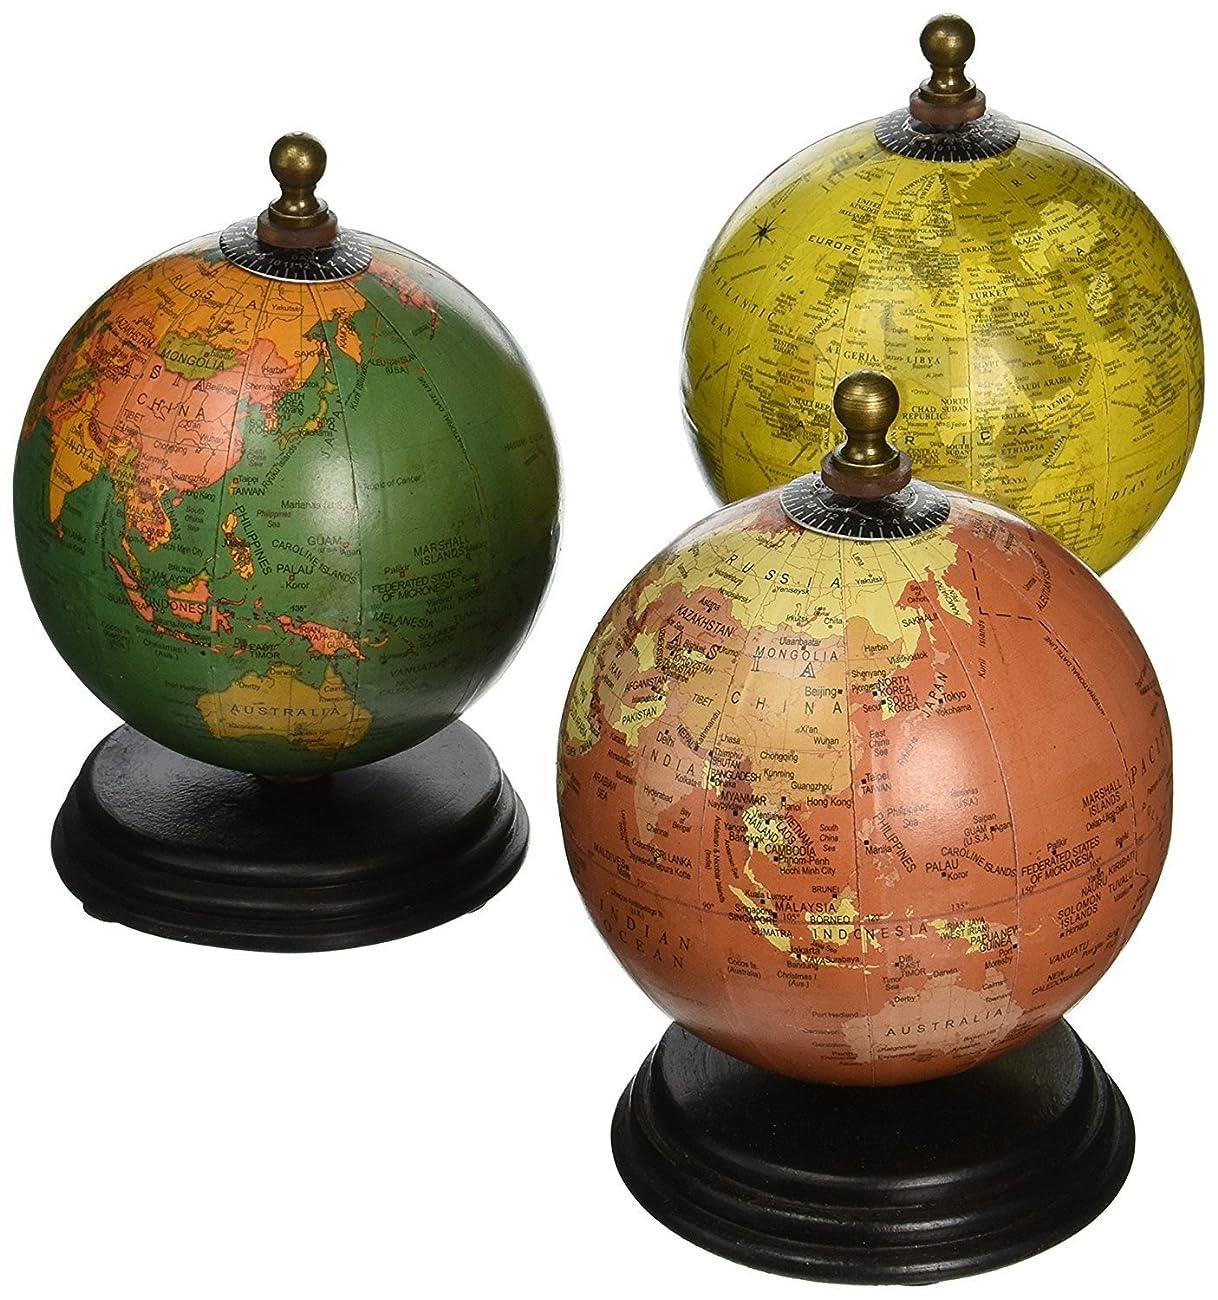 IMAX 73027-3 Antique Finish Mini Globe on Wood Base Artwork, Set of 3 1